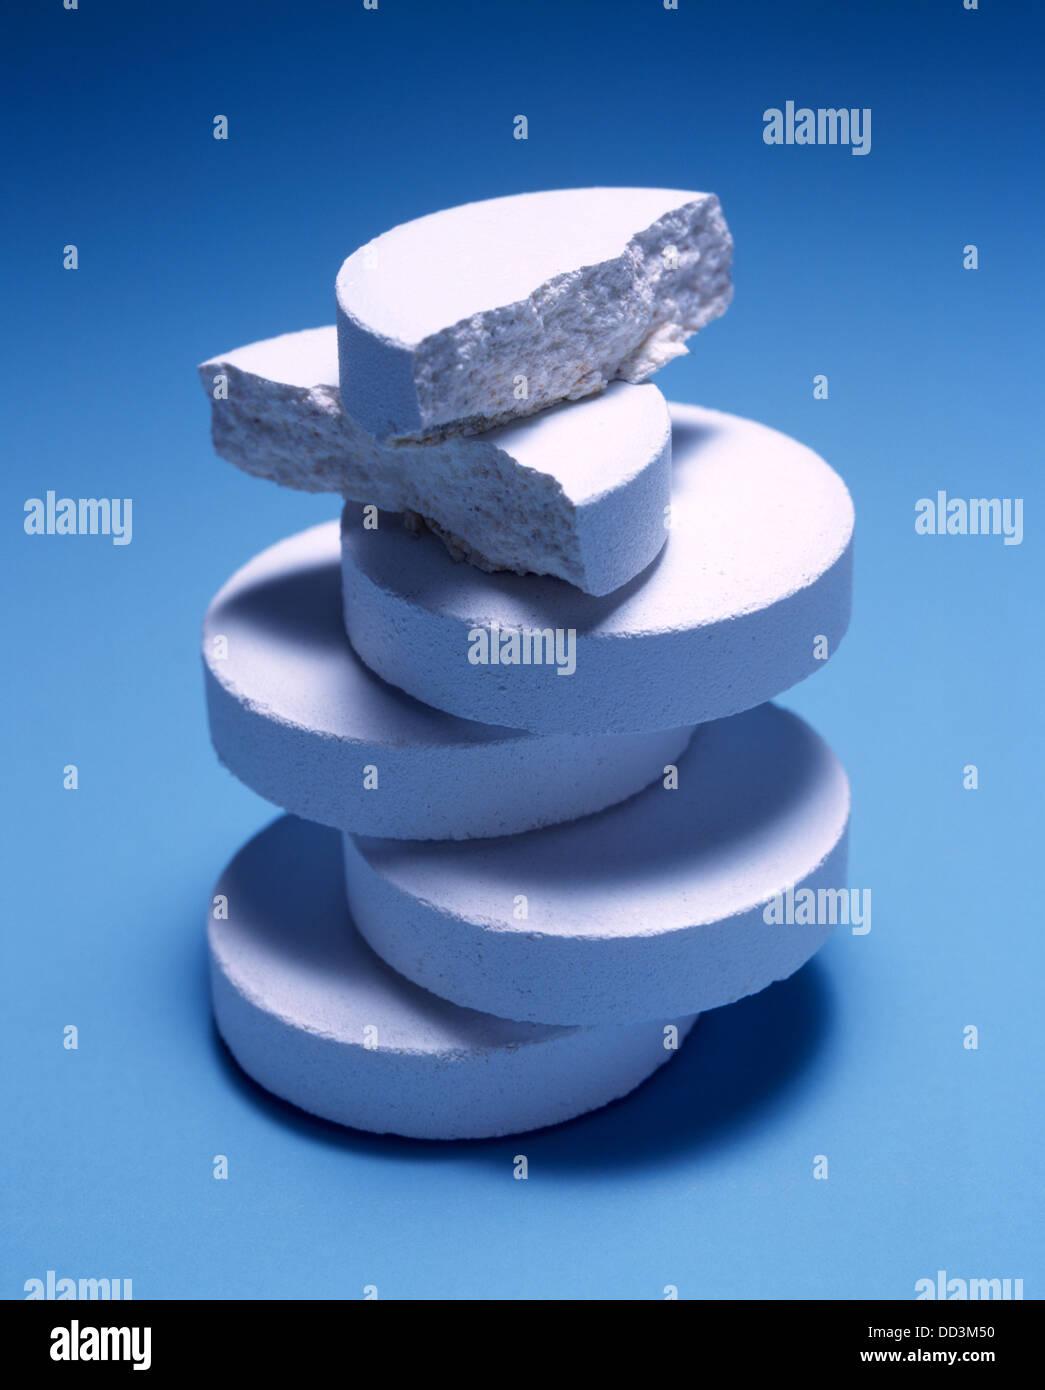 Einen großen Stapel von weißen Medizin Tabletten auf blauem Grund. Stockbild